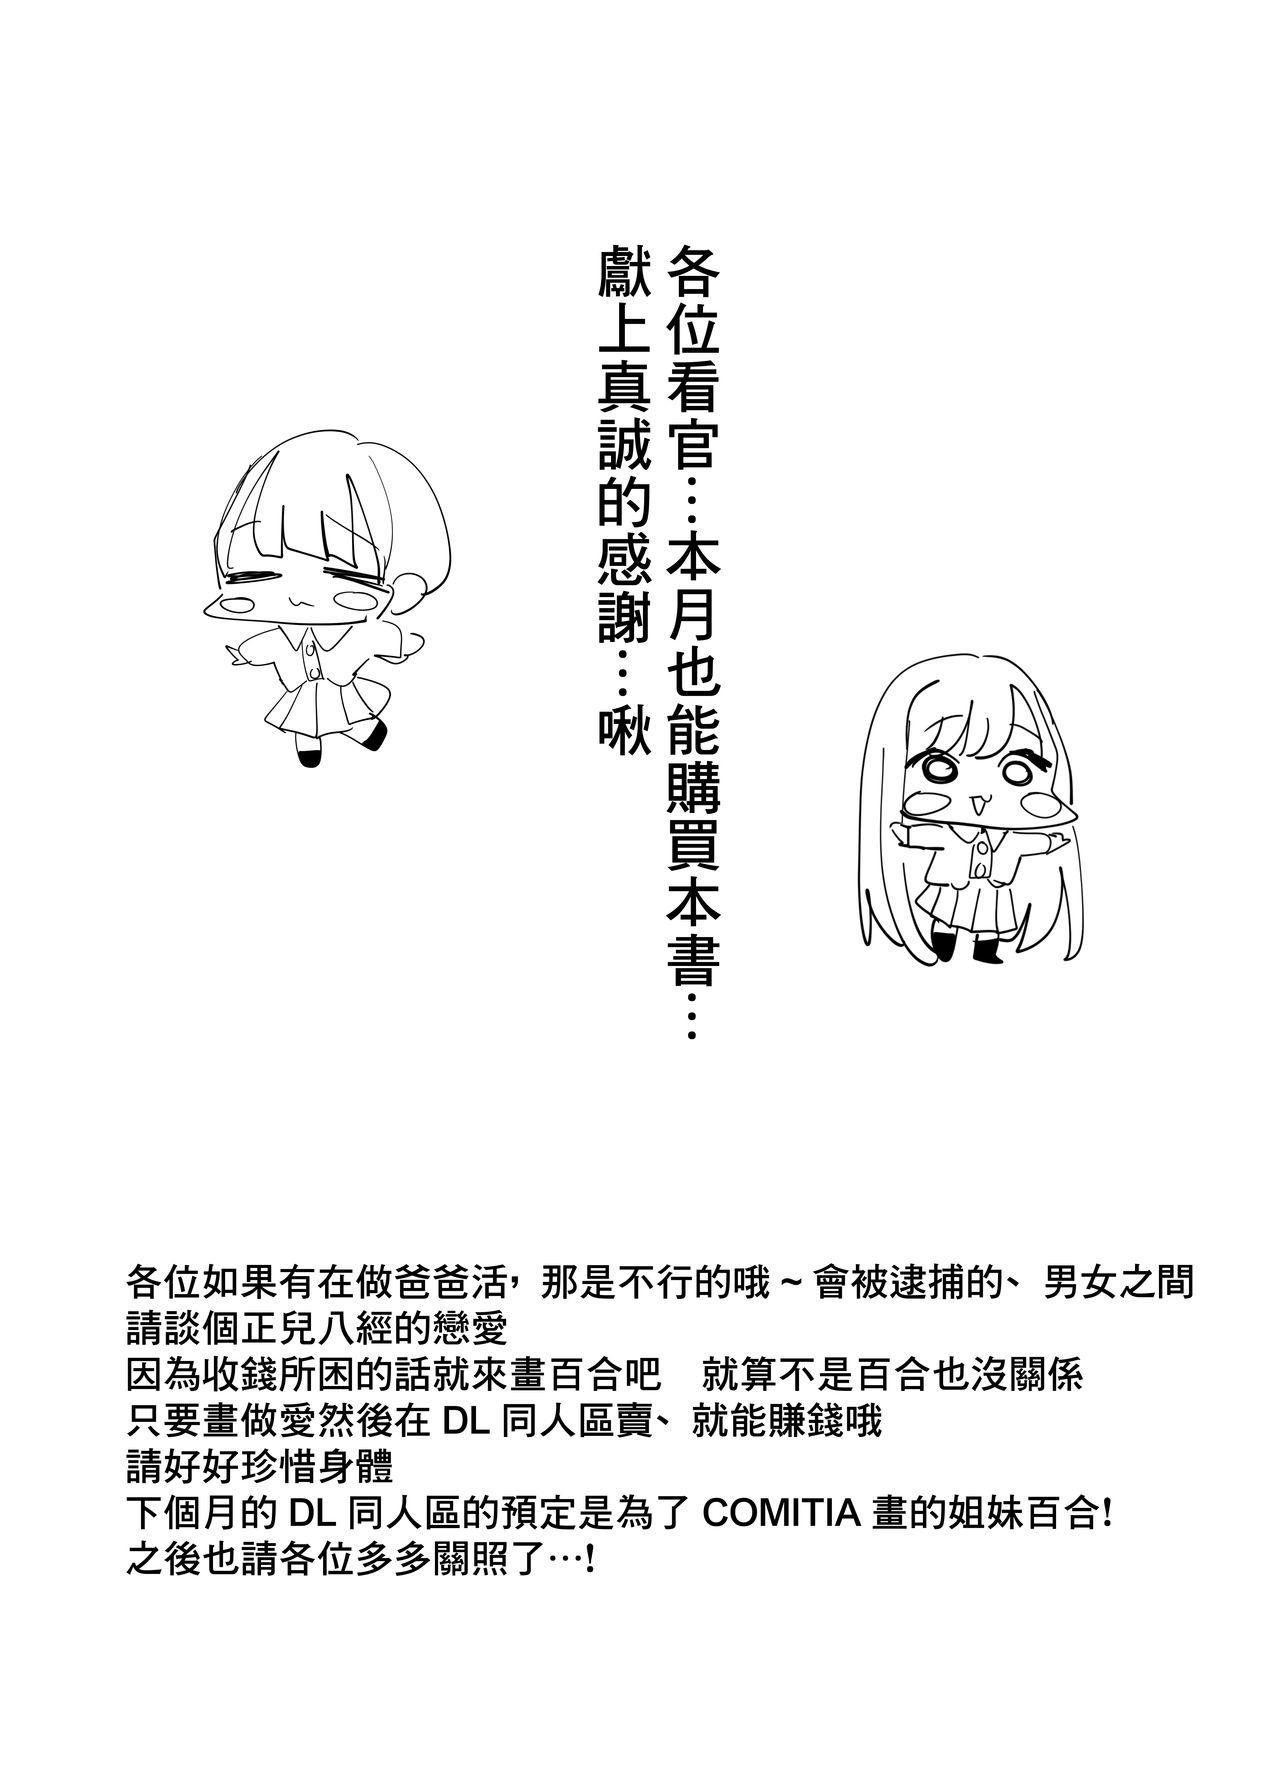 SNS de Tomarasete Kureru Hito o Boshuu Shitara Echiechi Onee-san ga Yattekita Hanashi 23